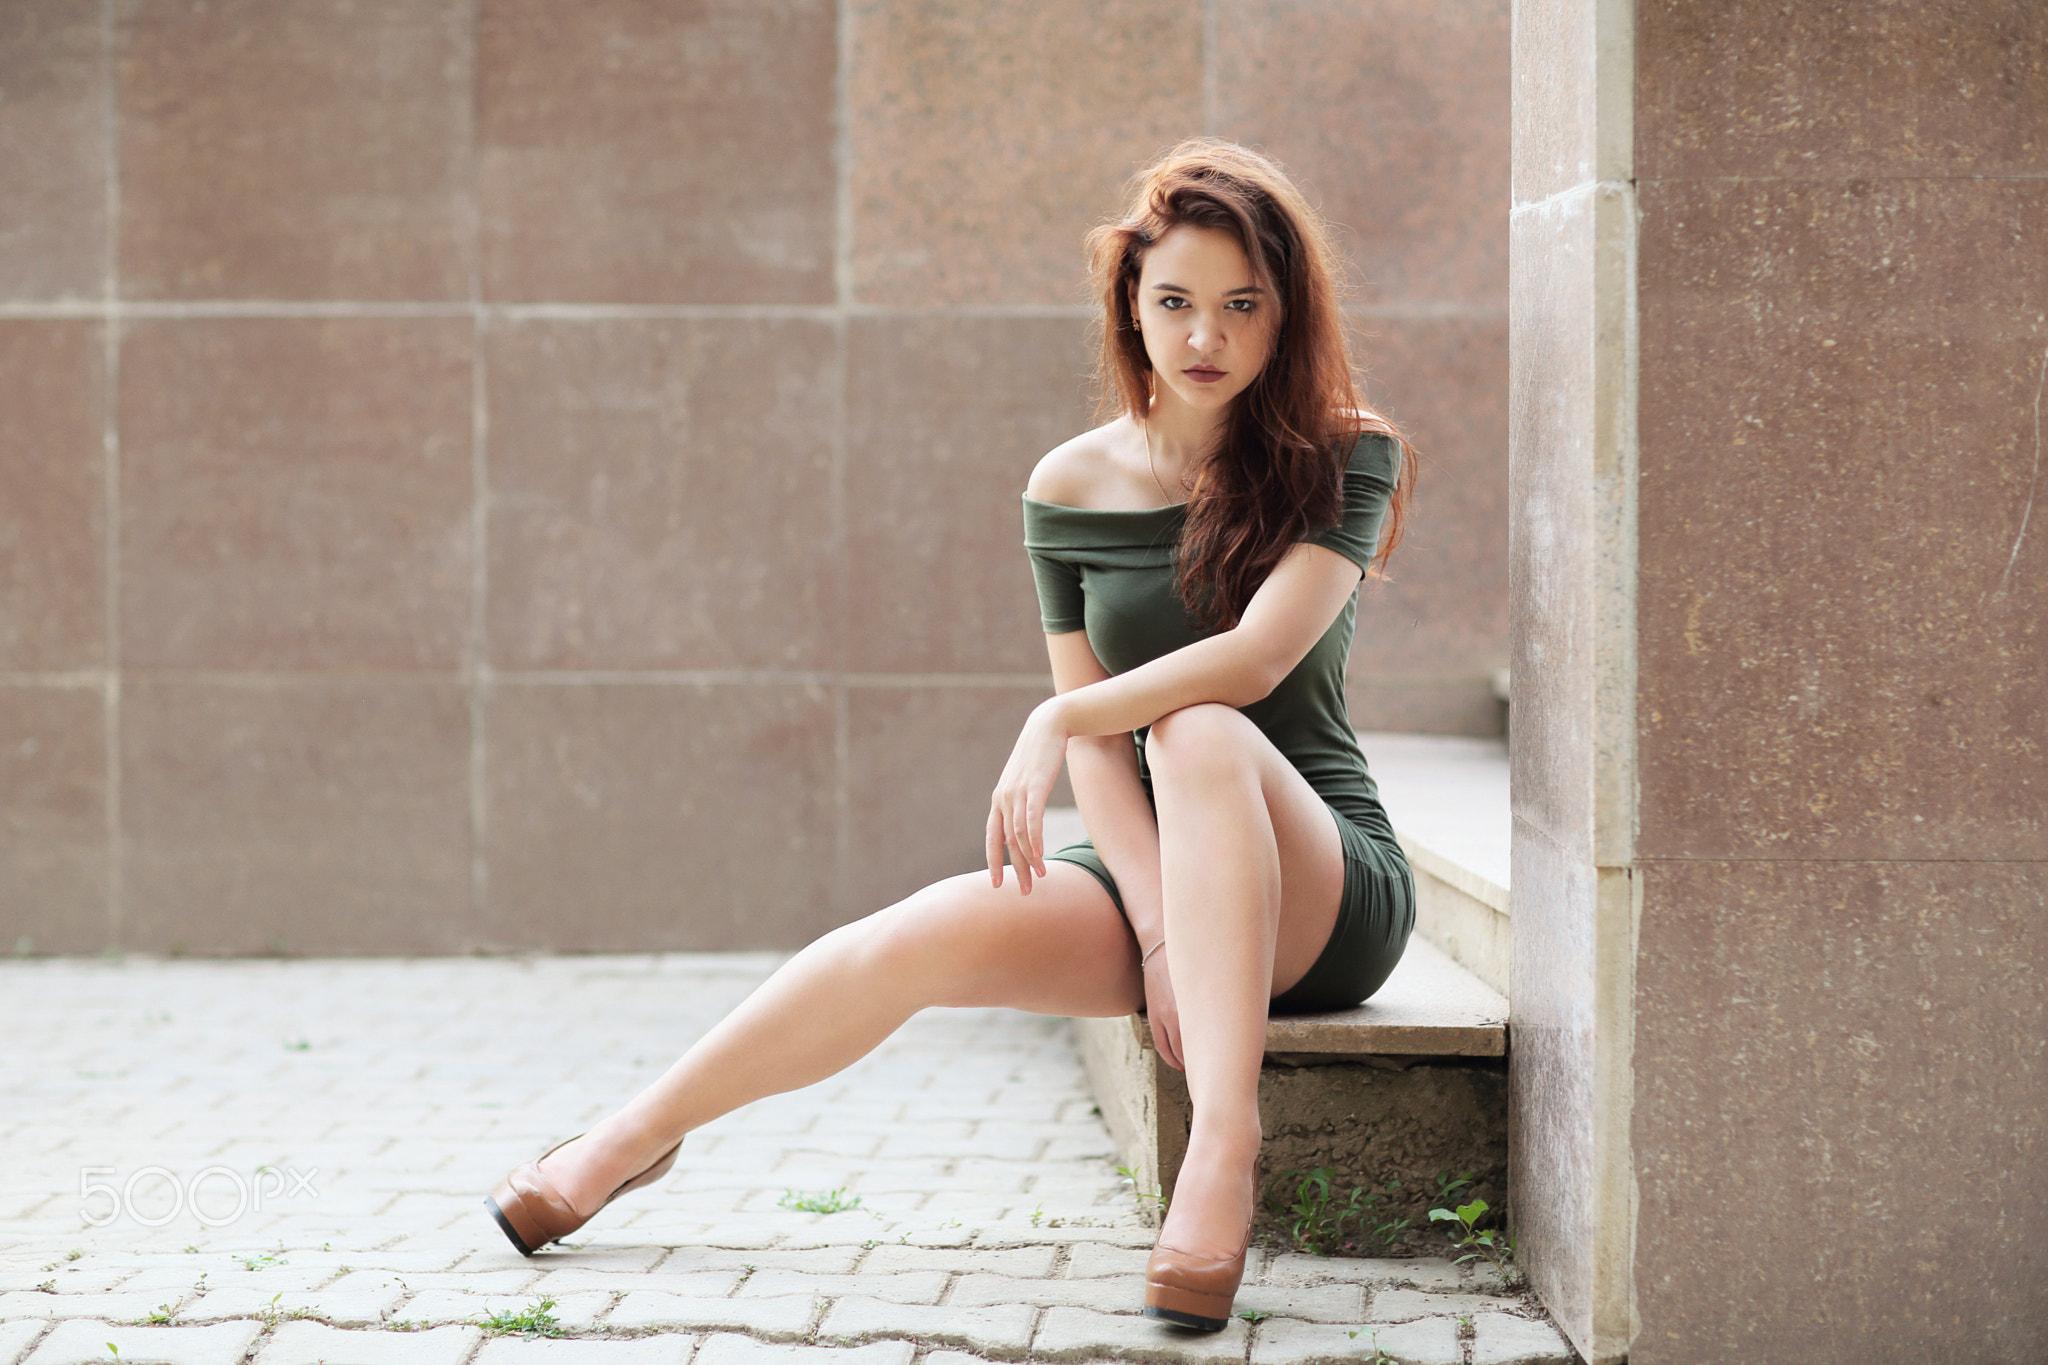 Фотографии девушек сидя в мини крупного великолепного качества